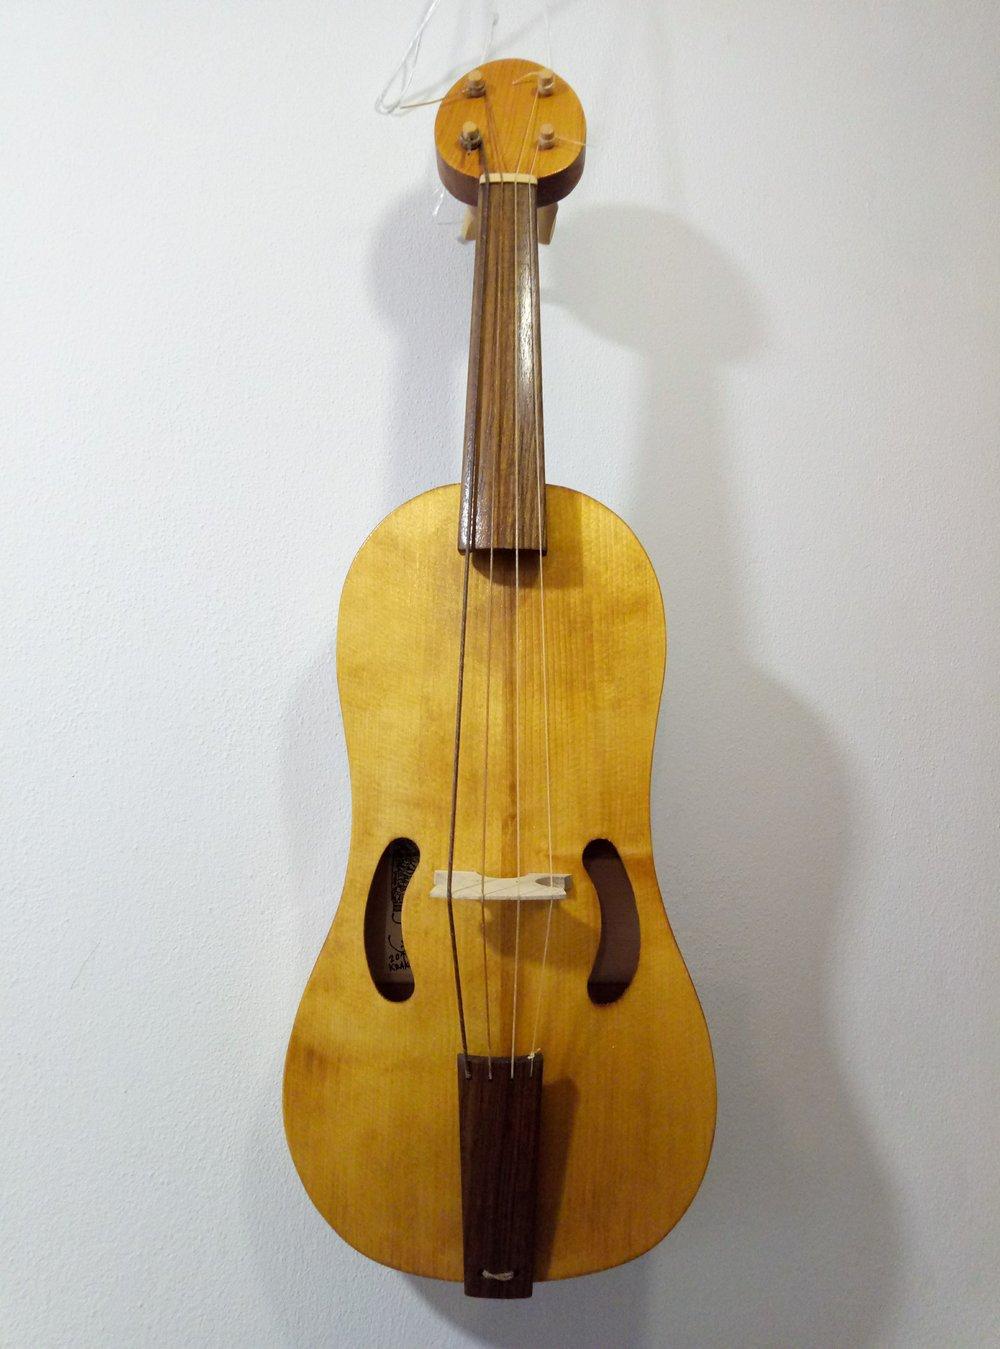 4-string Medieval Fiddle  32.5cm string length  €820